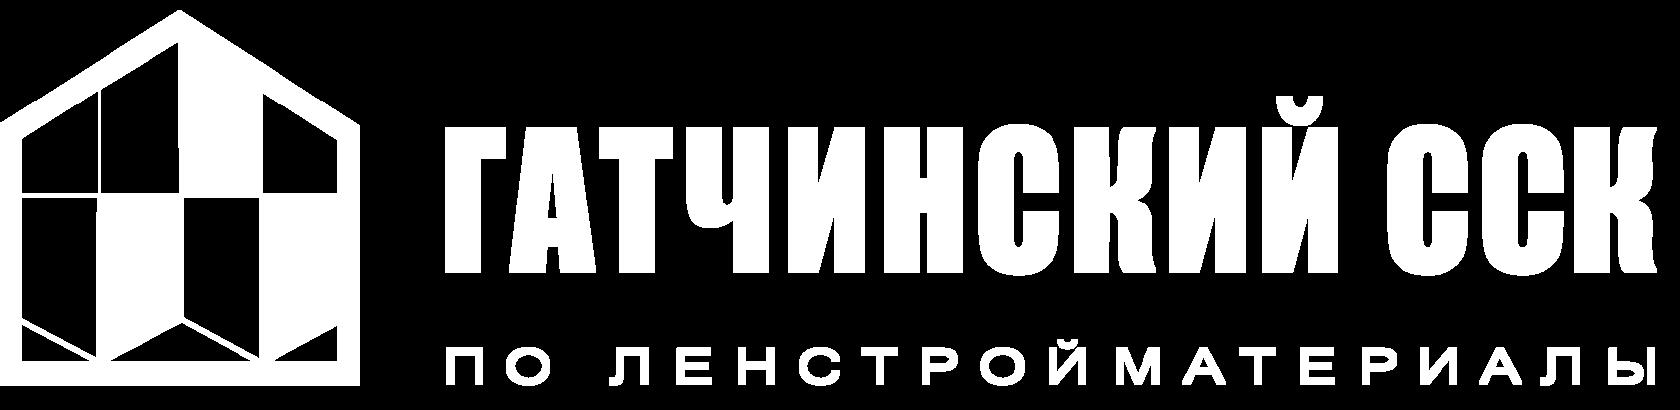 Гатчинский ССК 8 (81371) 93-512